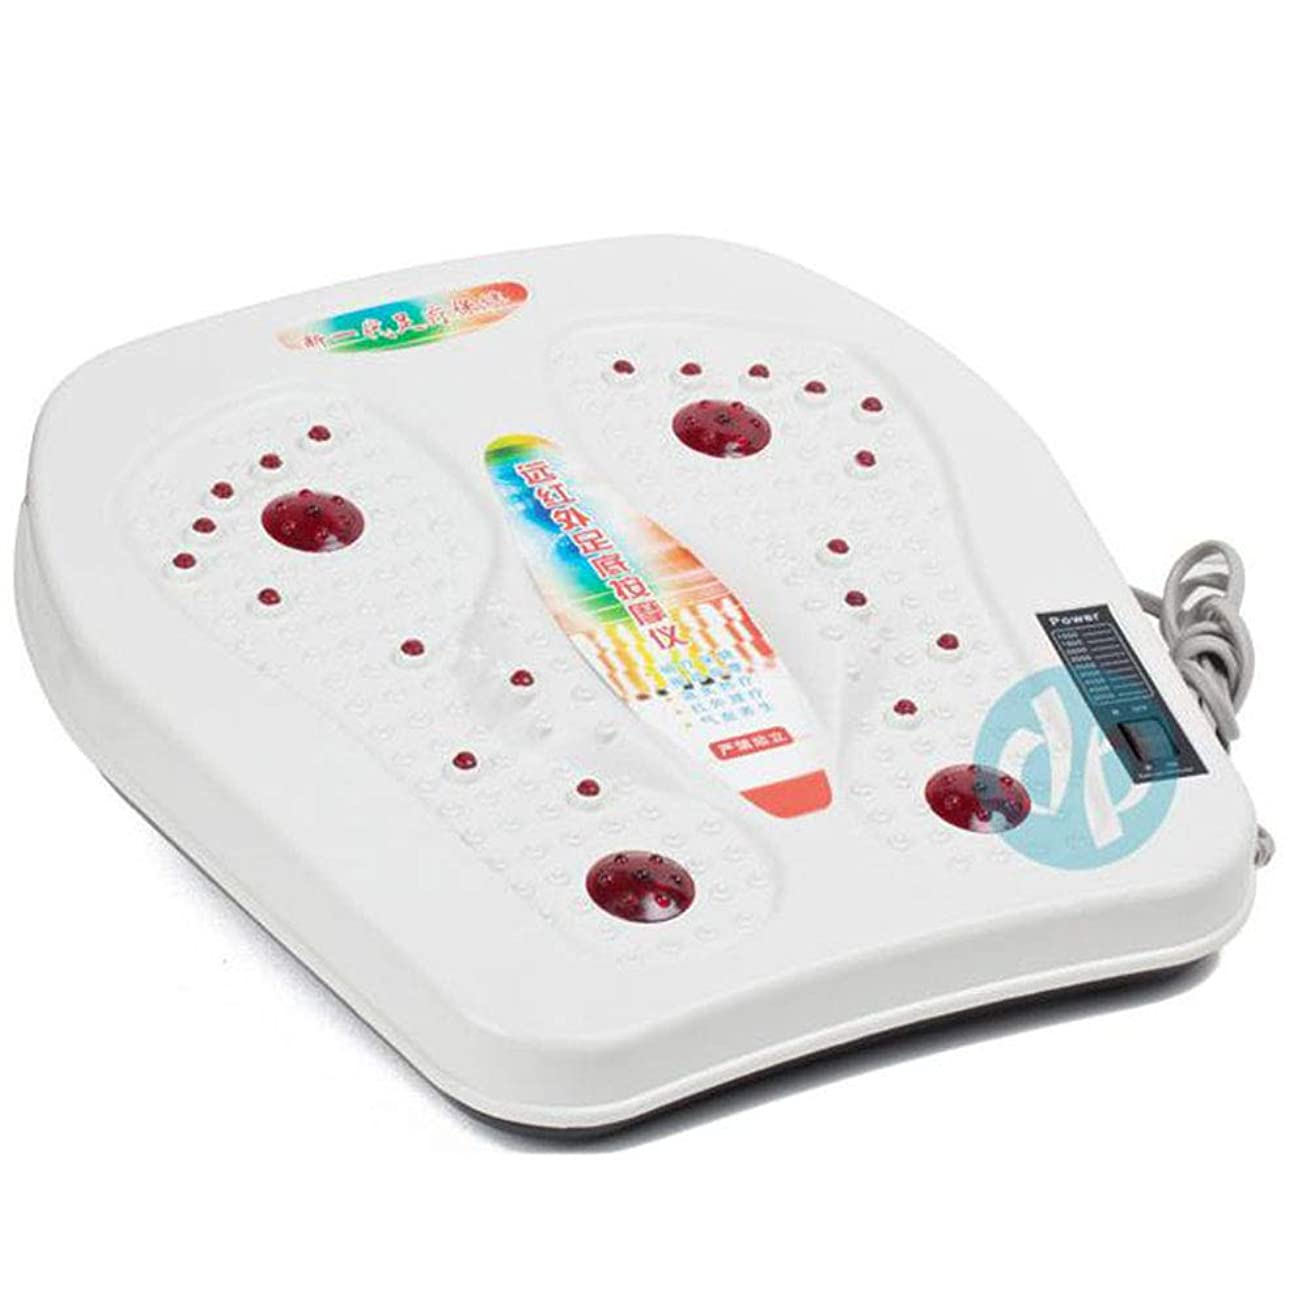 行動アナログ花足のマッサージ機、足指のマッサージと家庭でのストレス解消のための電気指圧式フットマッサージャー、オフィス, white